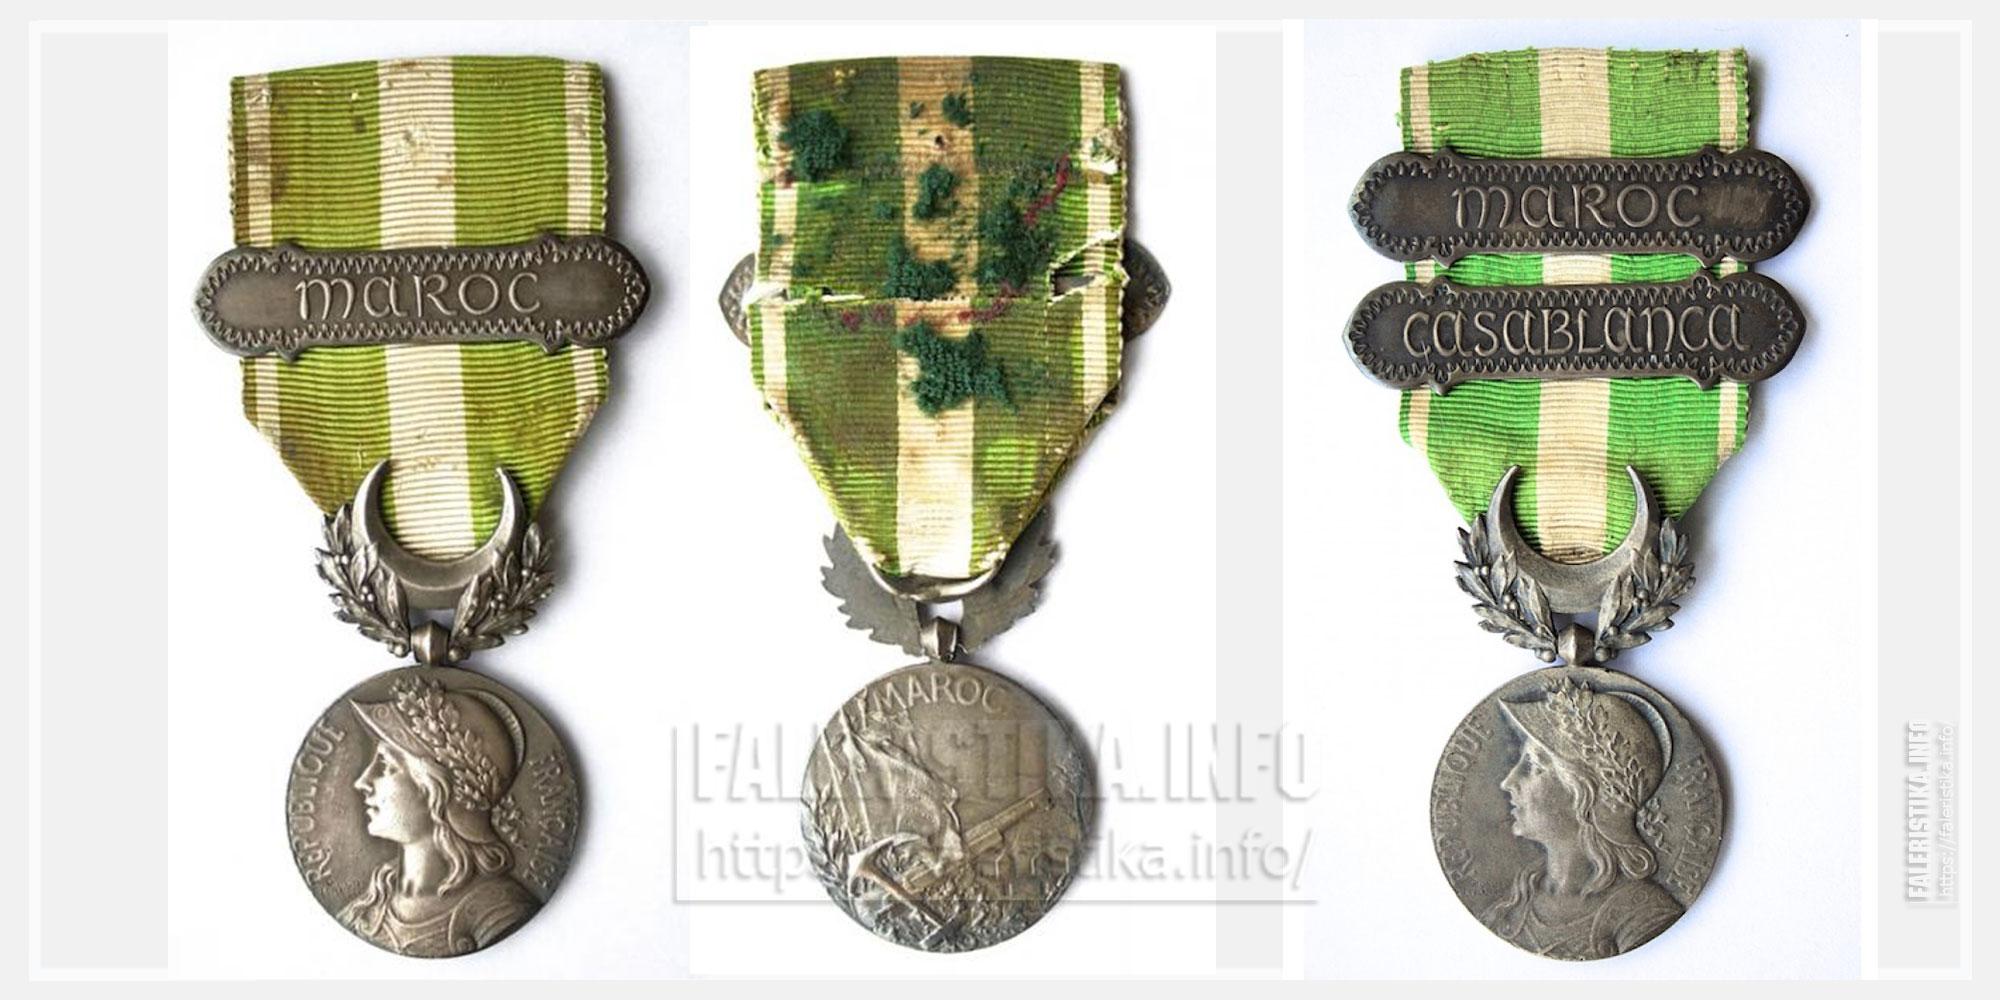 """Медаль за военные операции в Марокко. С планкой """"MAROC"""". Учреждена в 1909 году. Планкой """"Maroc"""" награждали после 1 июня 1912 года. «Сasablanca» - награждали с 1907 по 1909 год"""